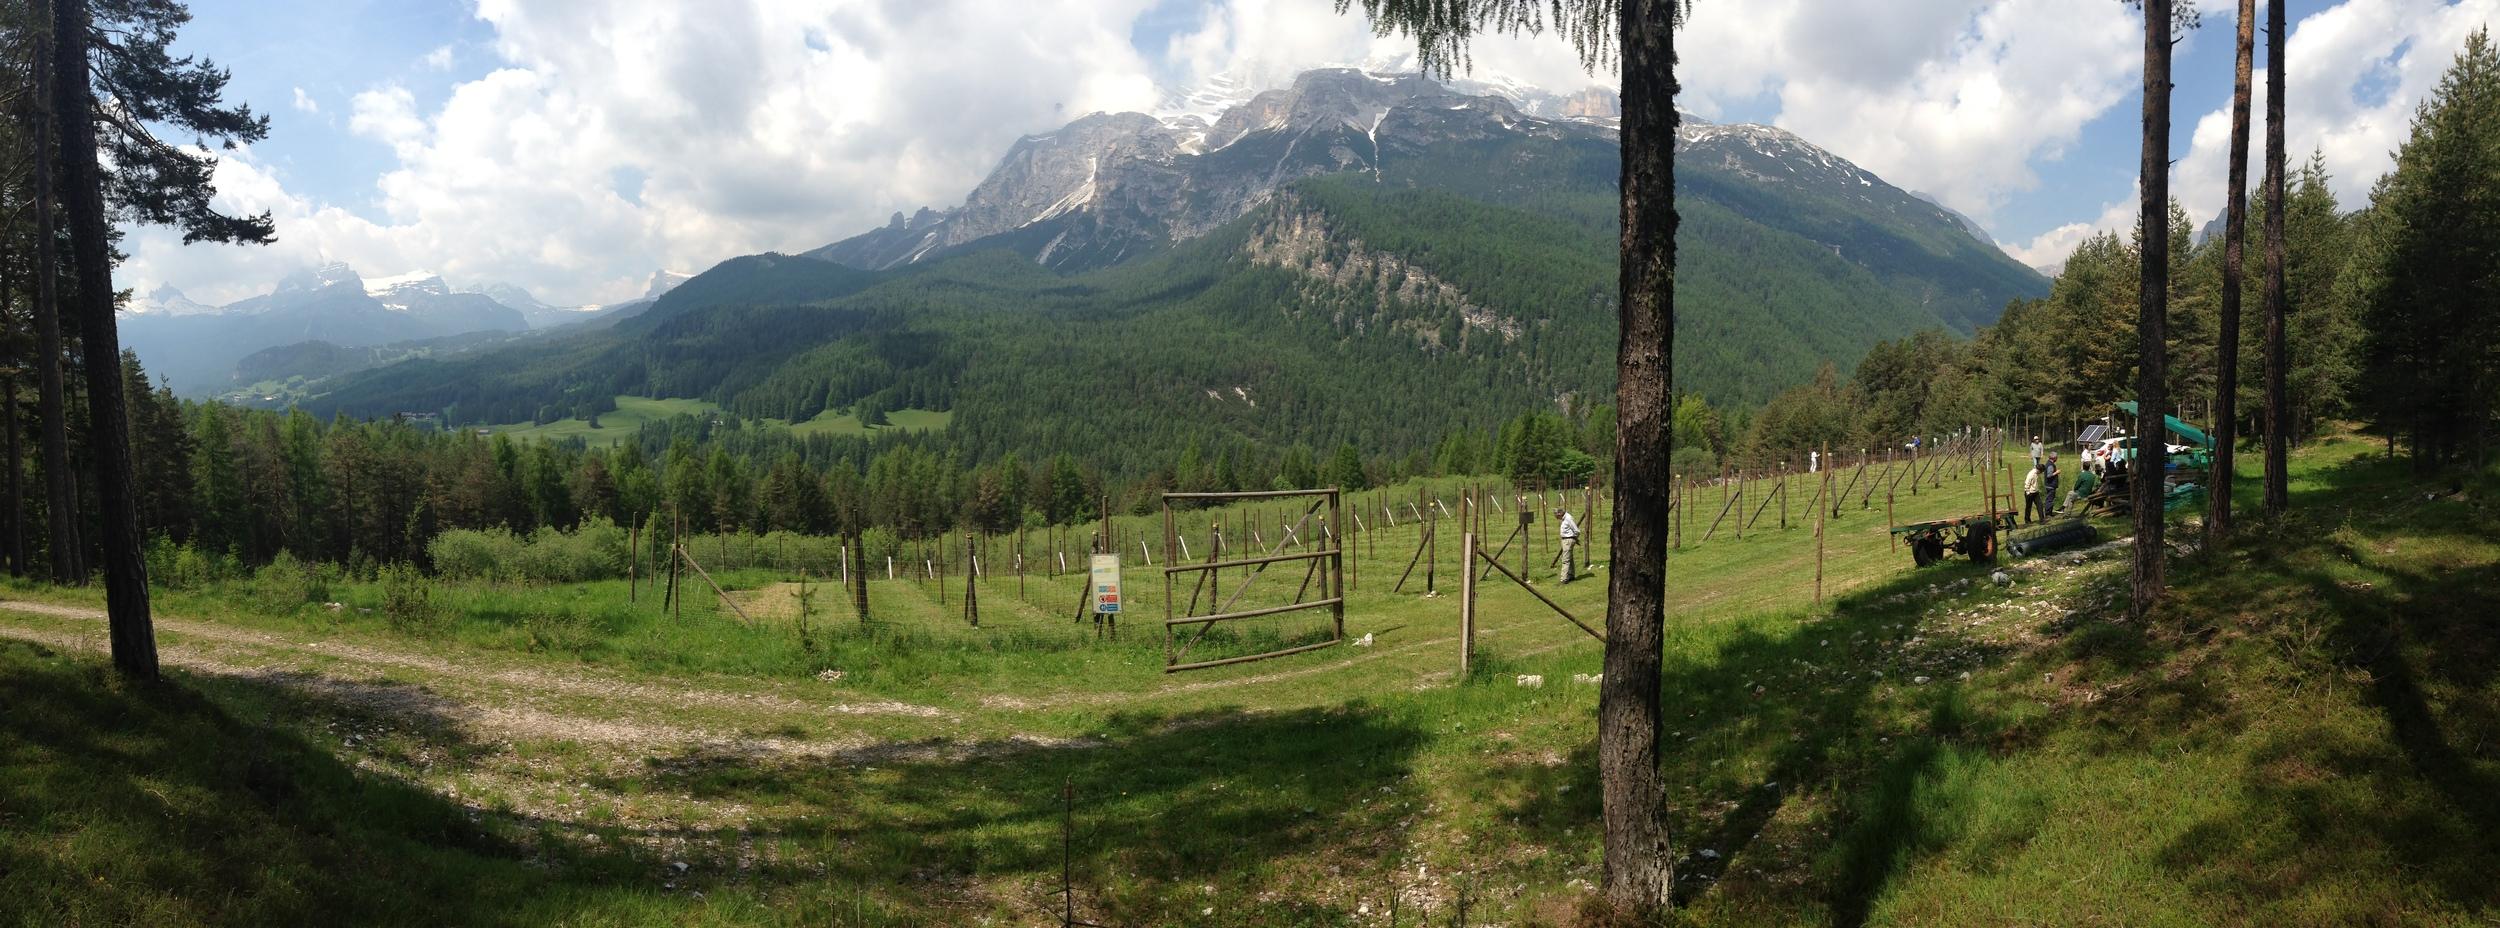 Il vigneto sperimentale di Cortina d'Ampezzo, a mt. 1.350 s.l.m.